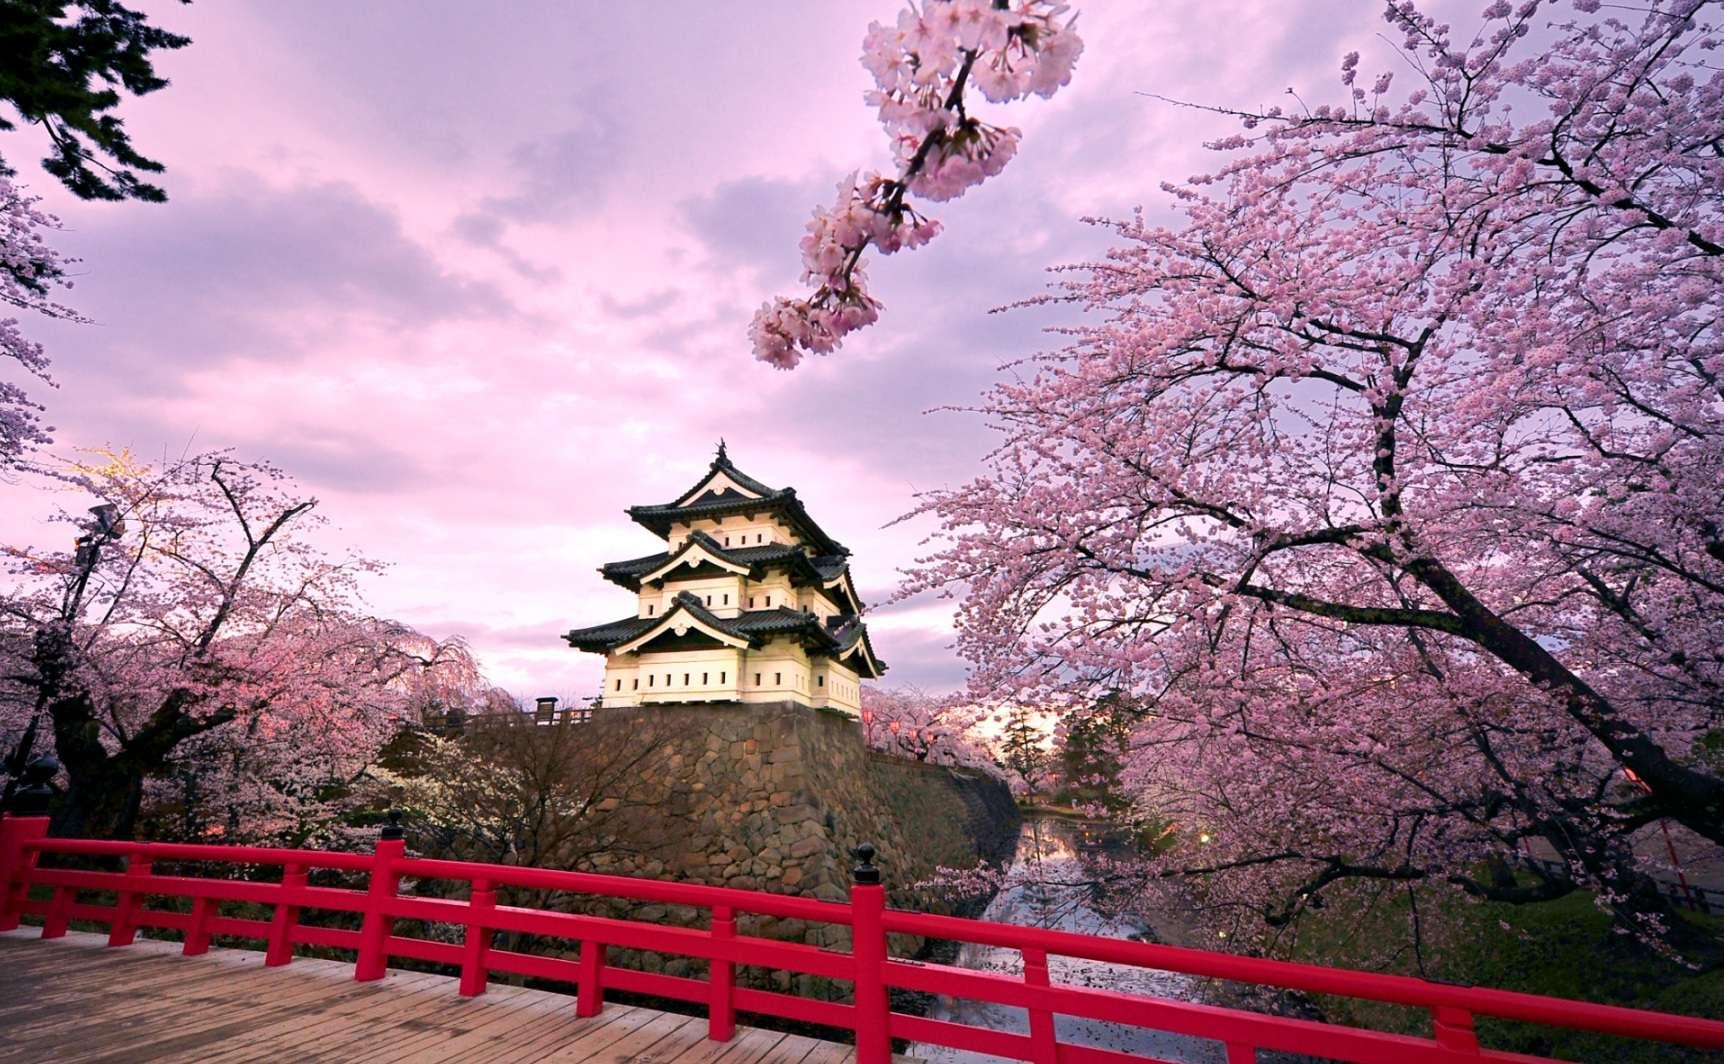 Nhật Bản là nơi nổi tiếng với những vườn hoa anh đào nở rộ rực rỡ